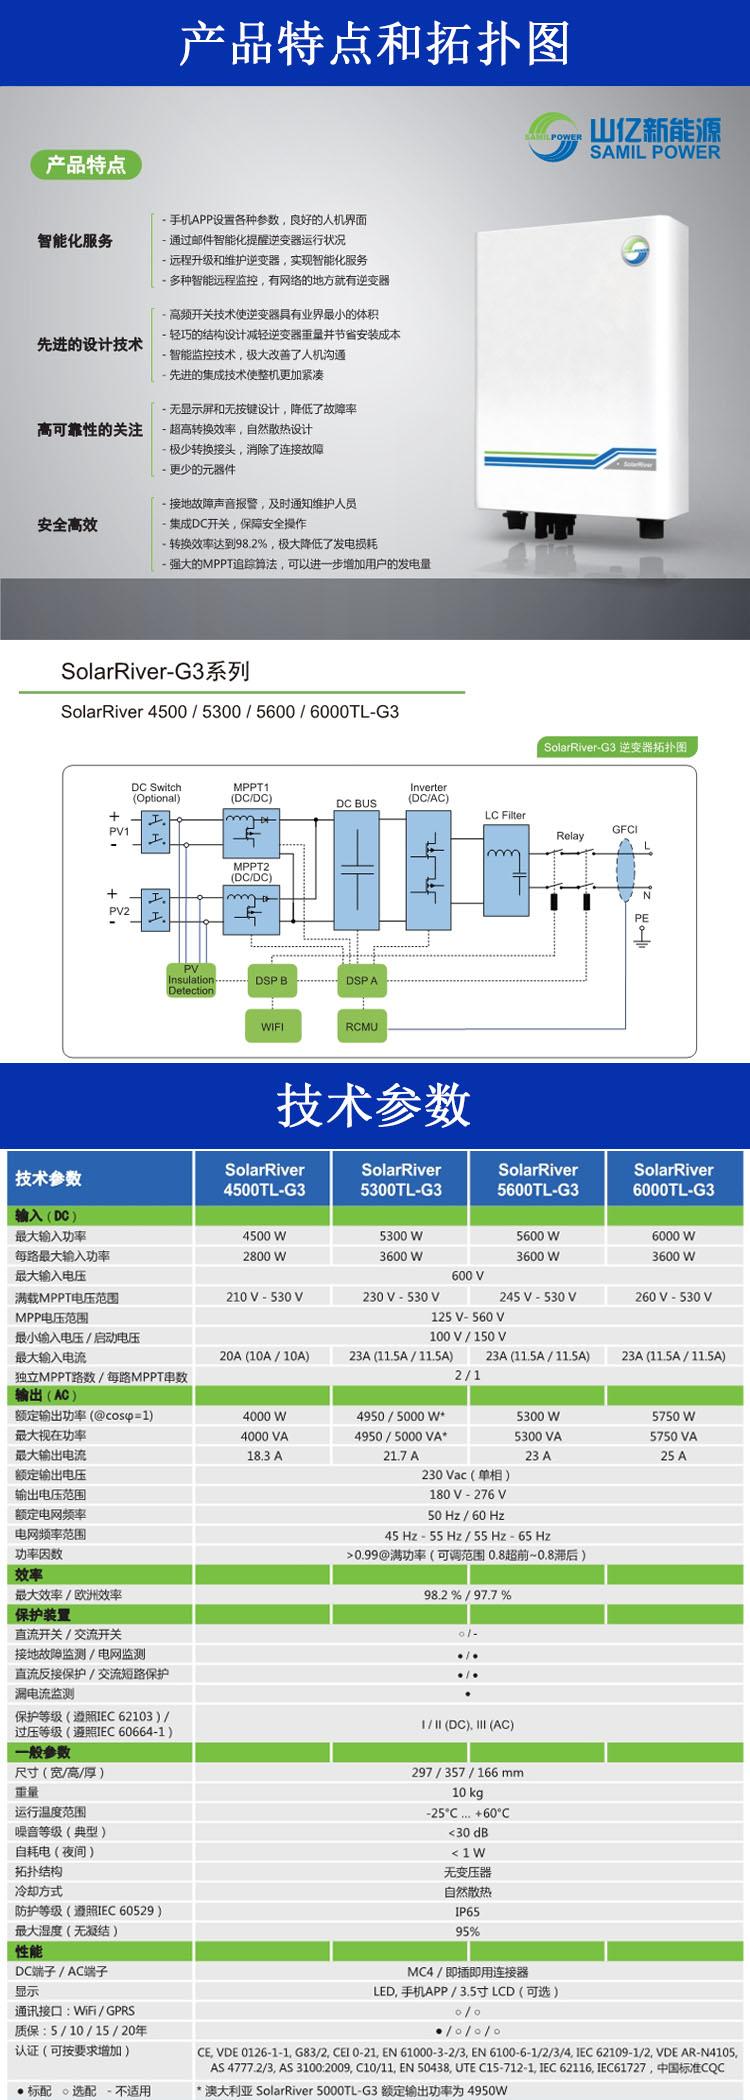 g3产品信息.jpg